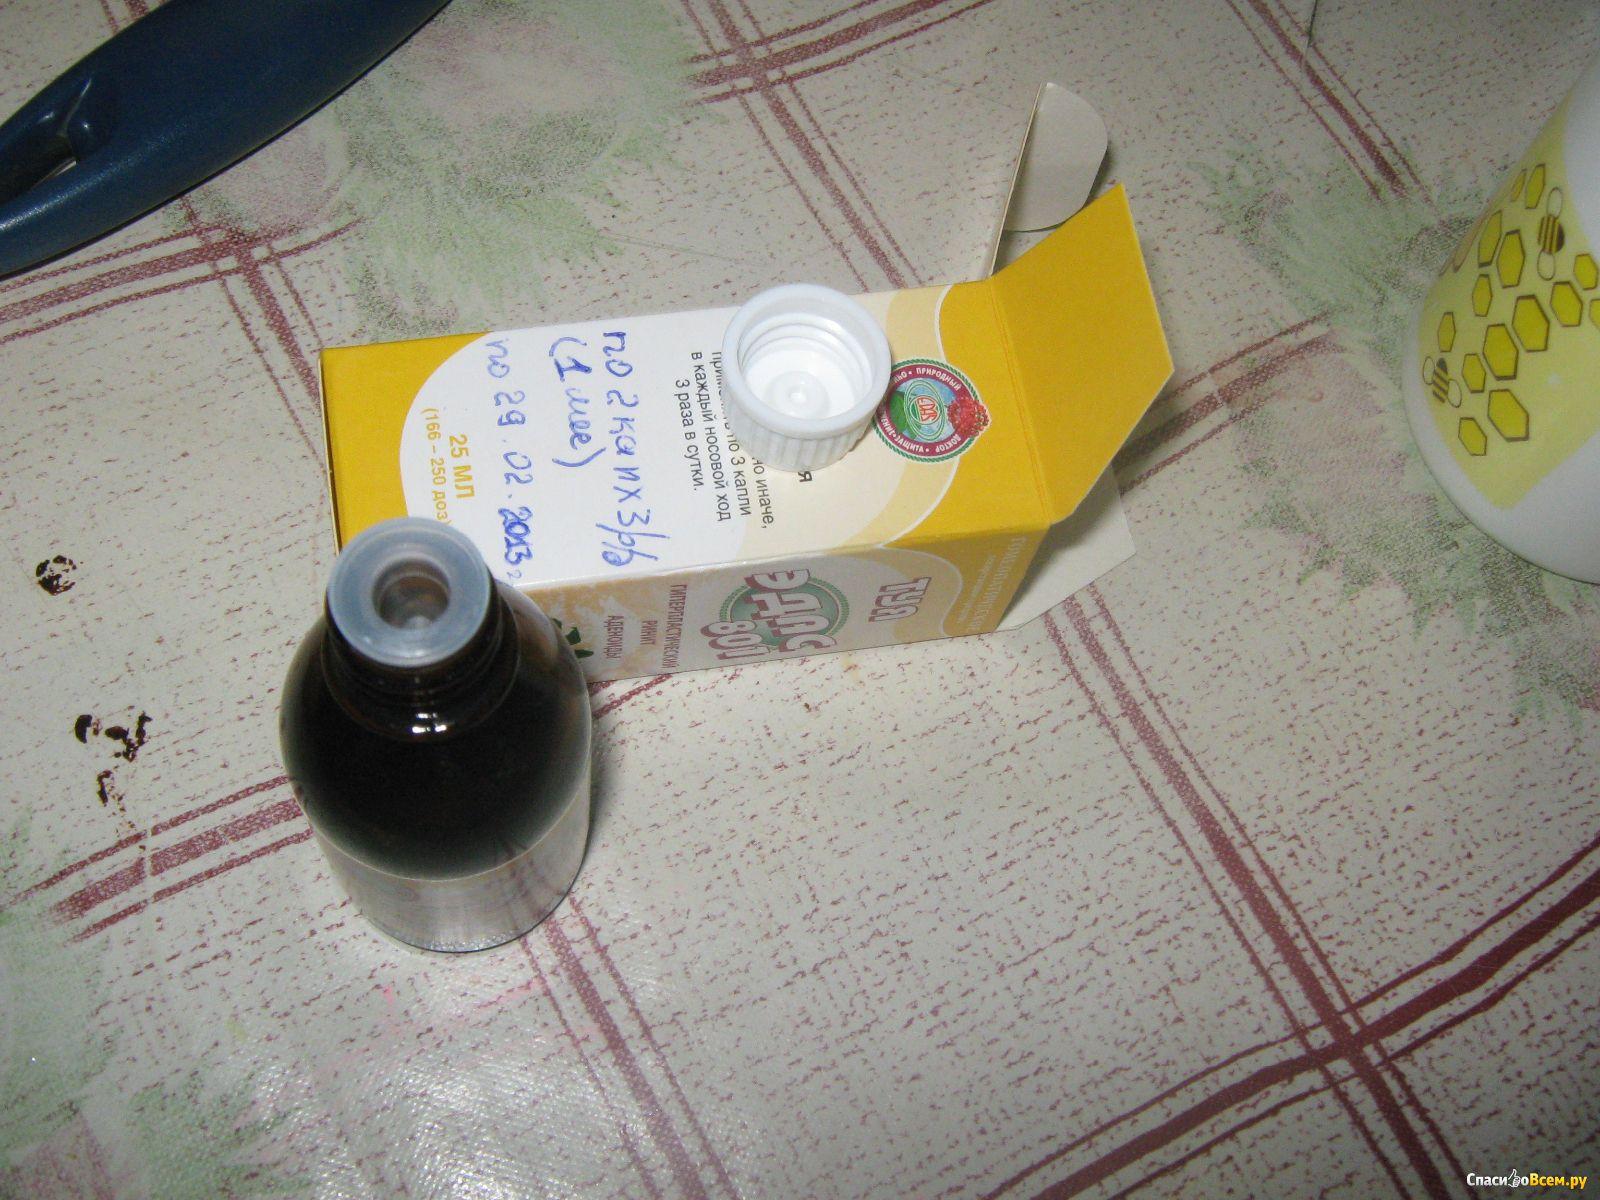 Масло туи при аденоидах для детей инструкция фото